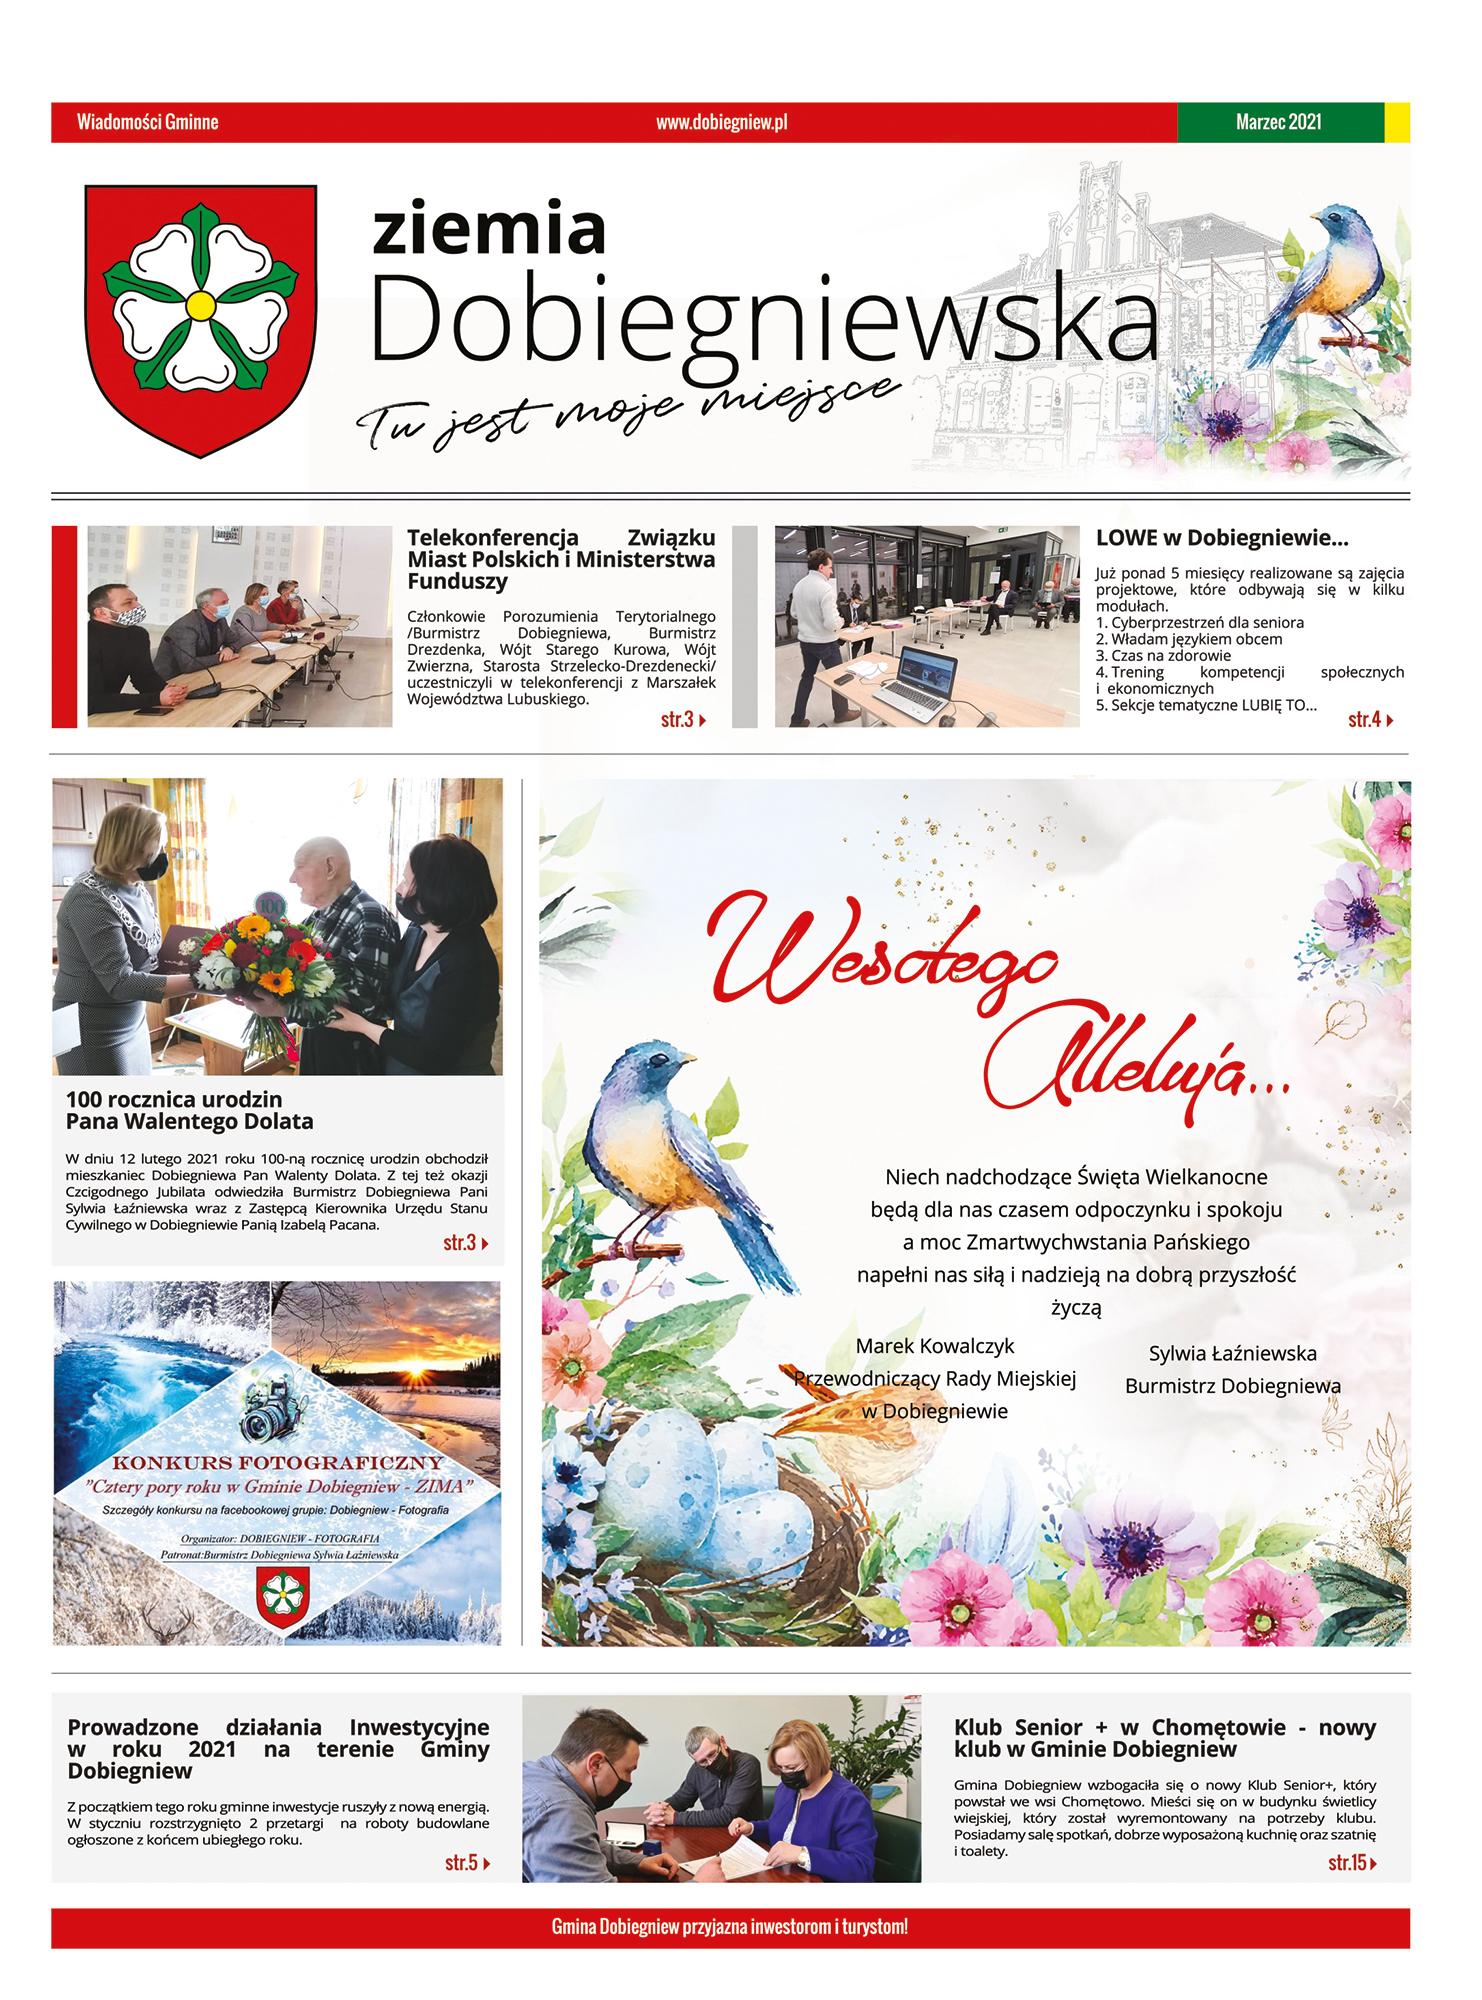 okładka gazety Ziemia Dobiegniewska - 2021